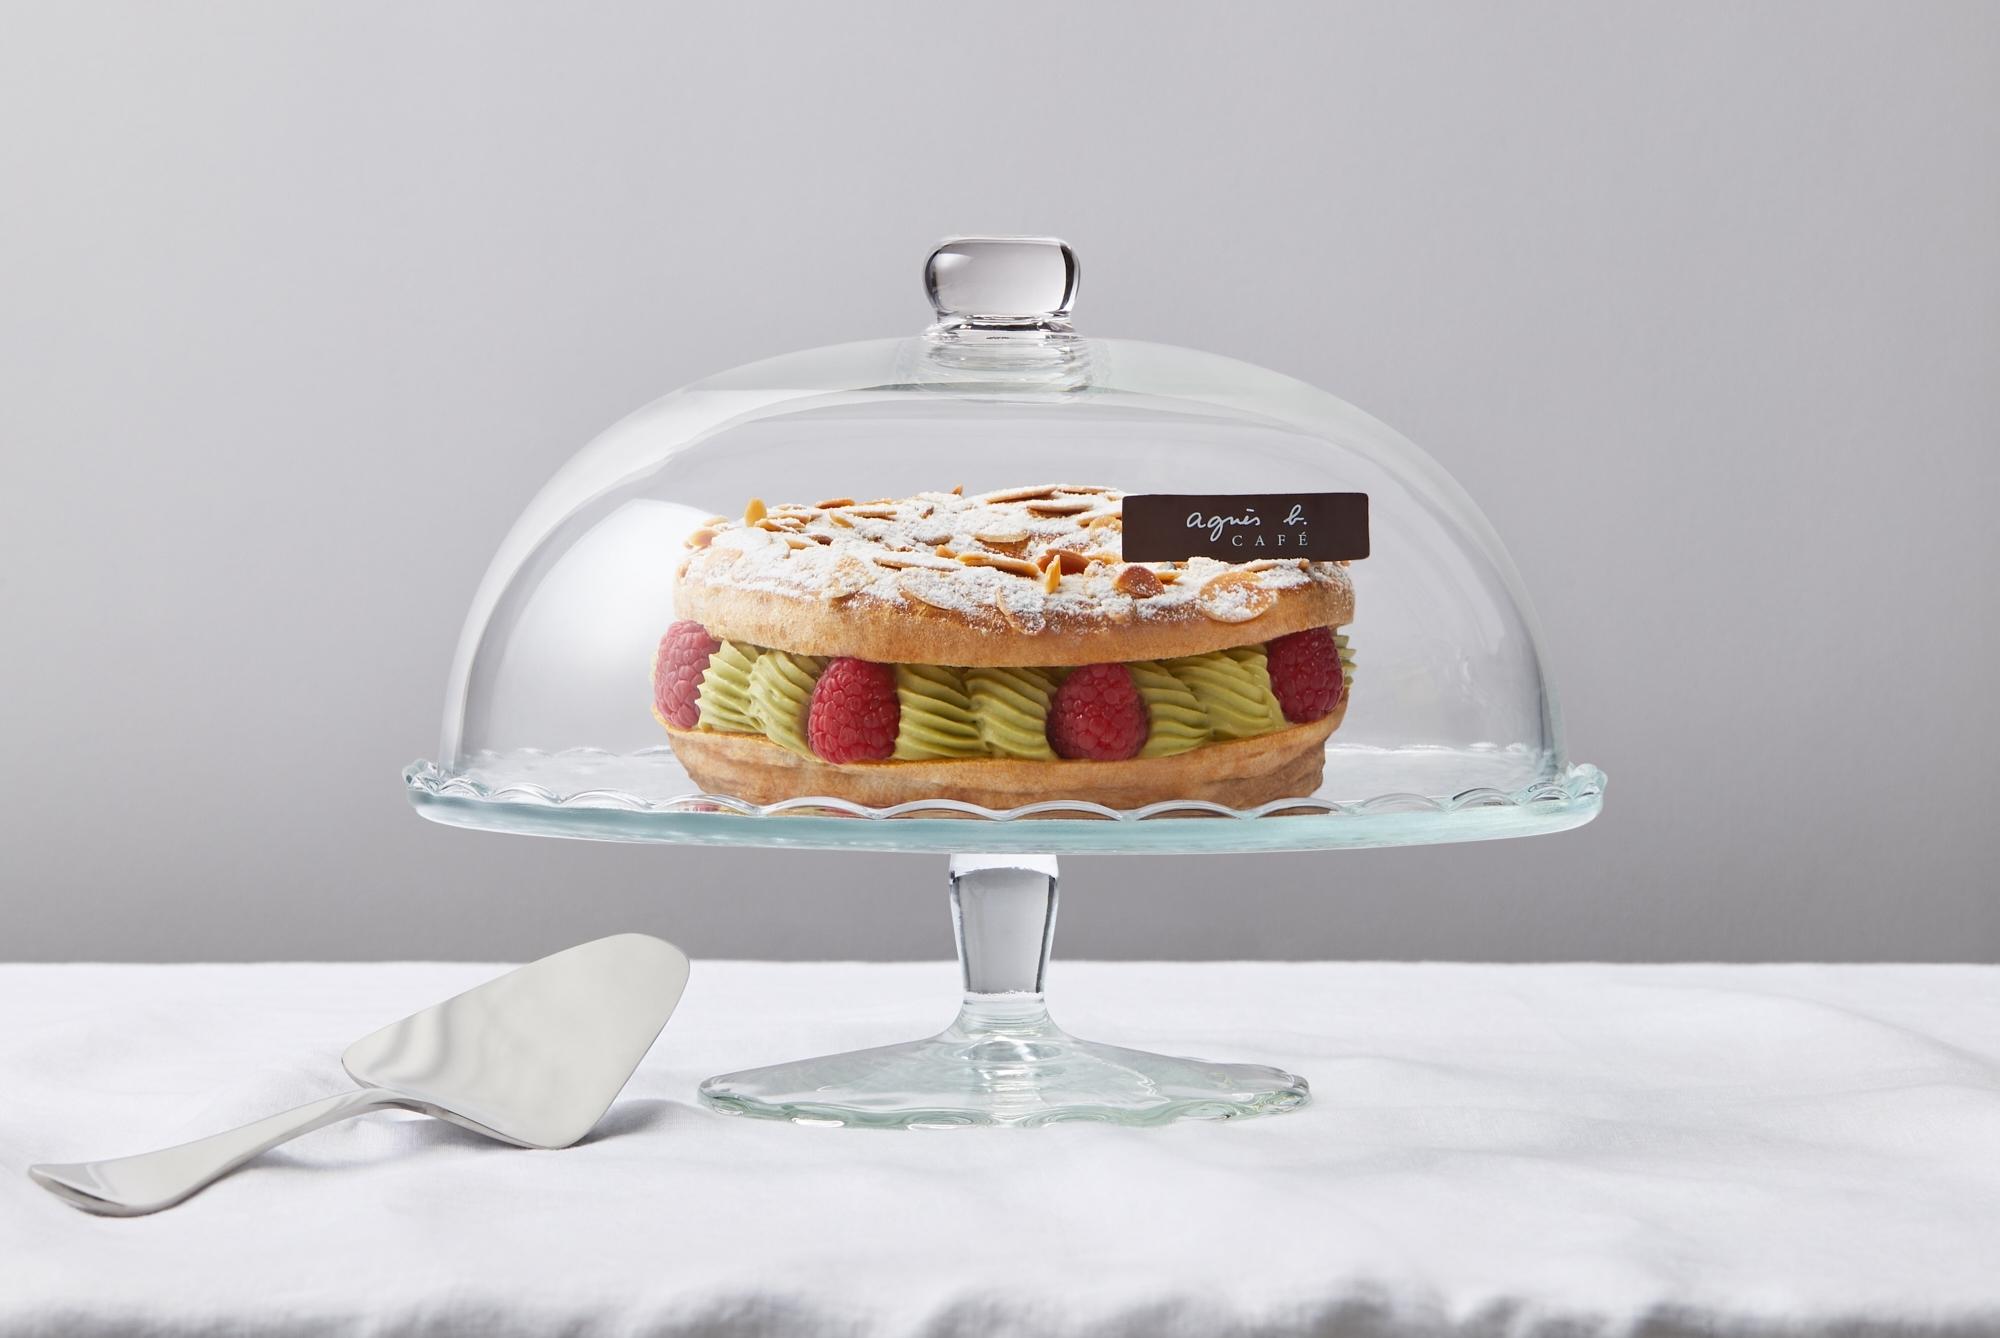 Agnès b. Café launches classic desserts with a modern twist